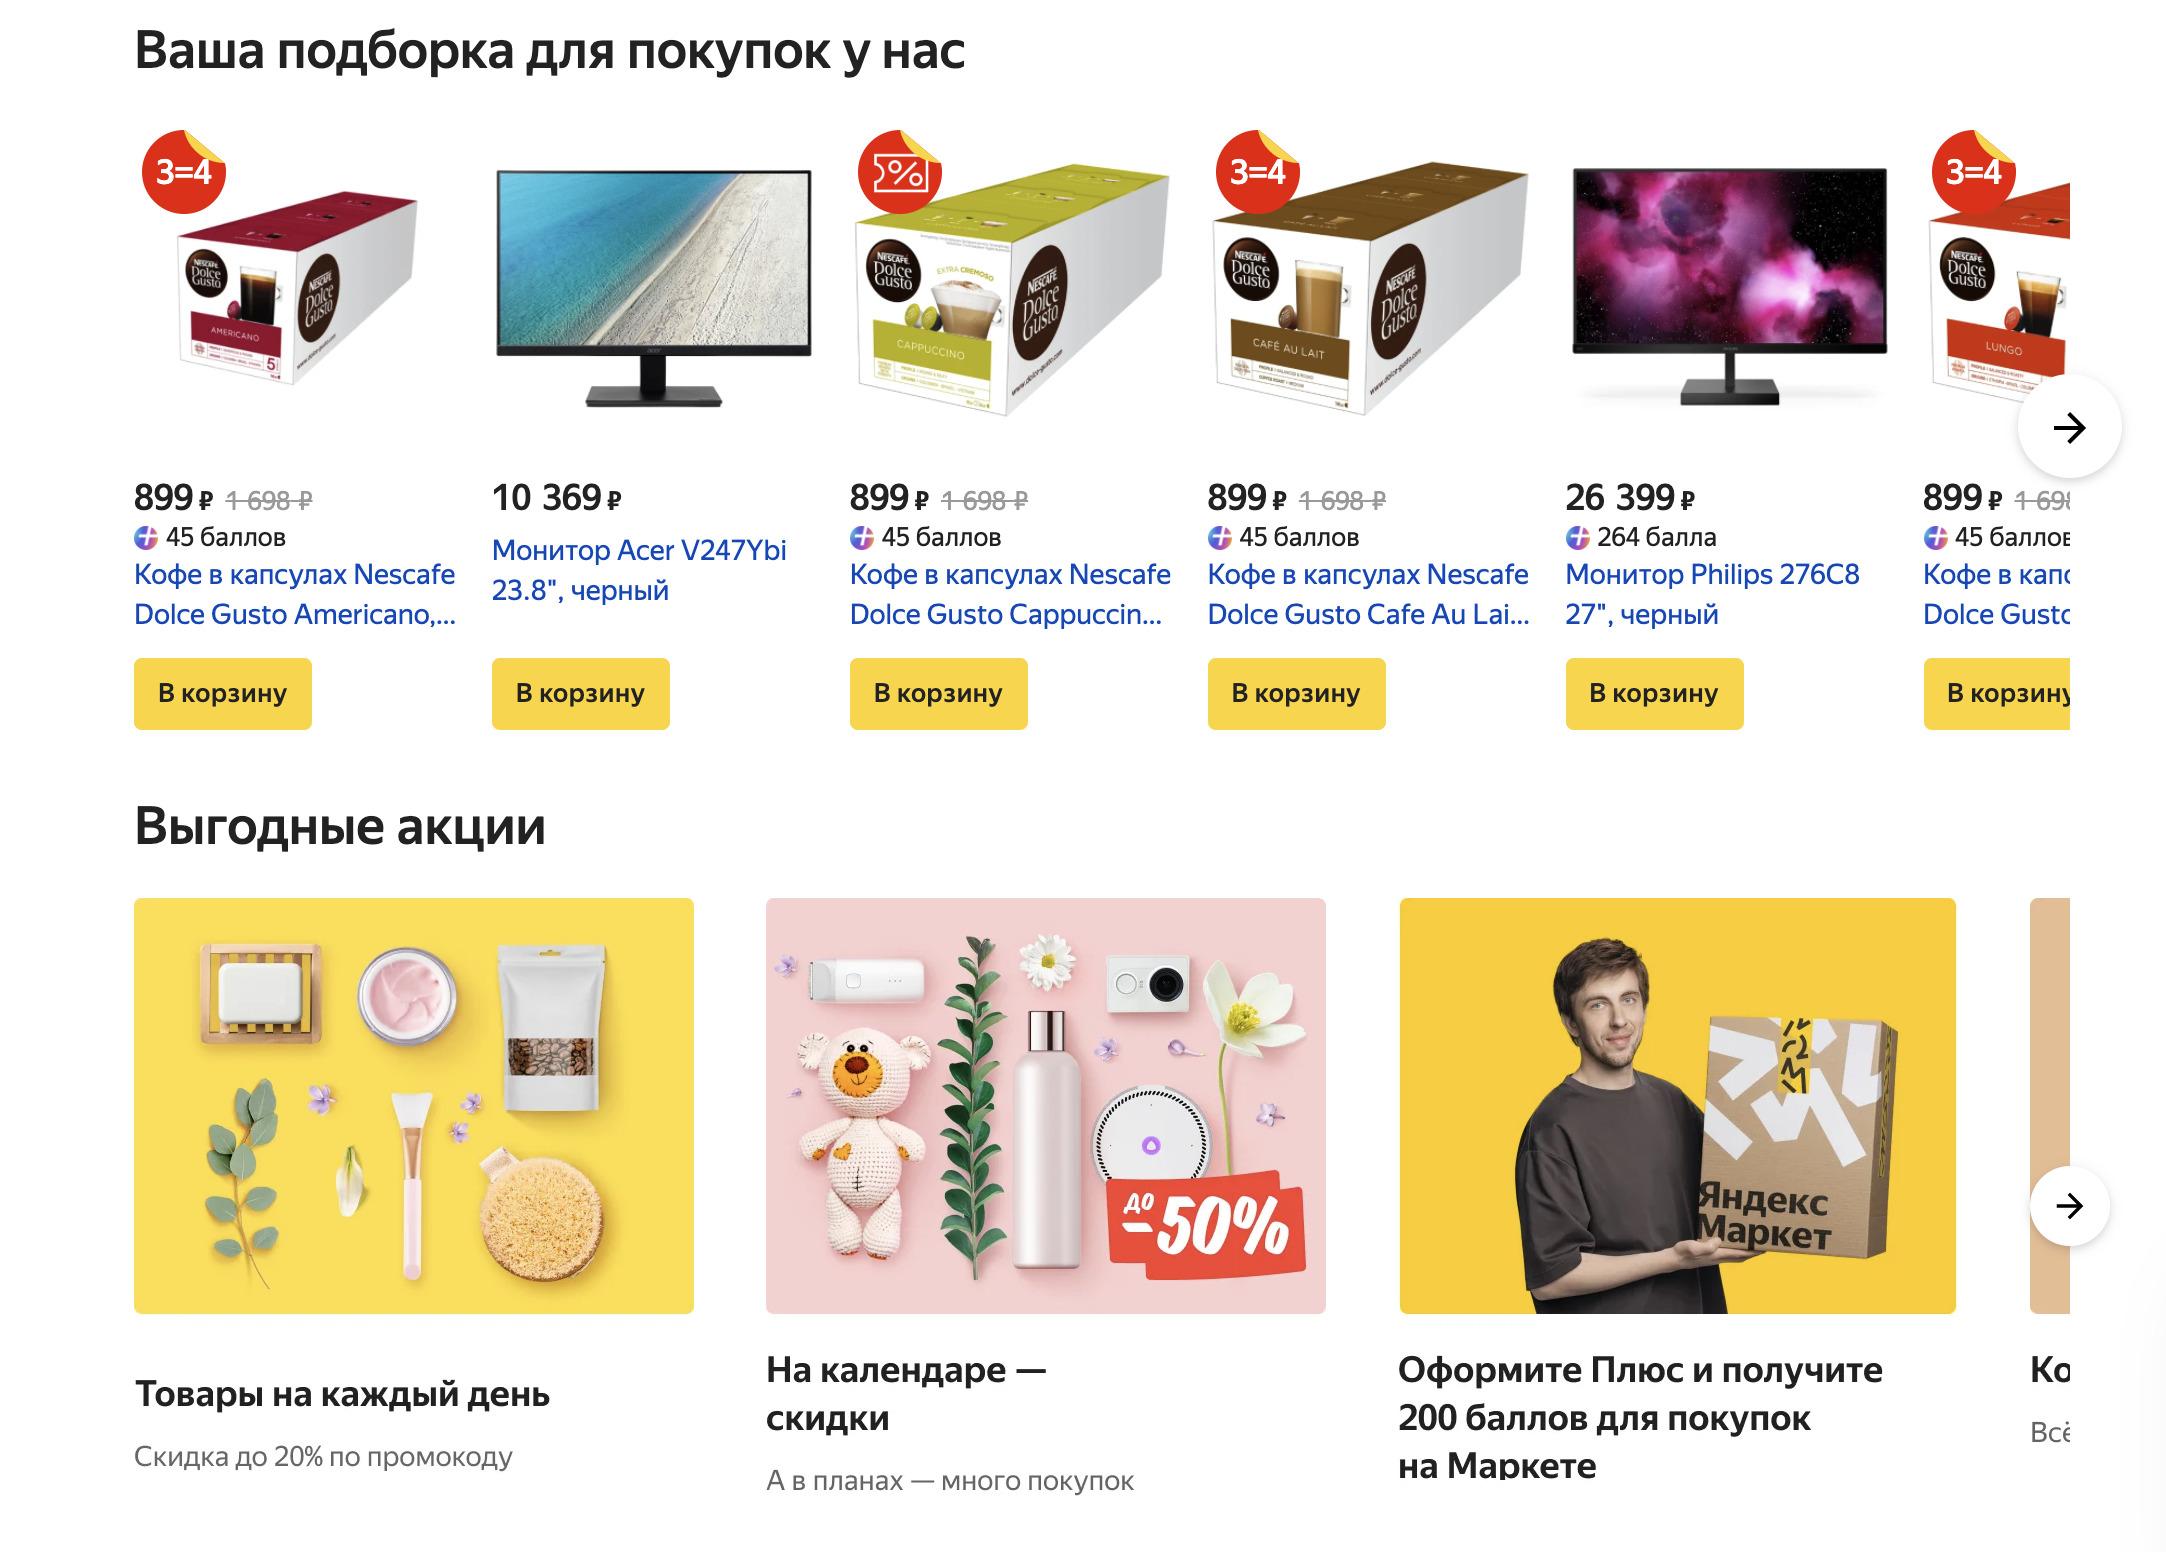 Доставка из Яндекс.Маркет в Котлас, сроки, пункты выдачи, каталог